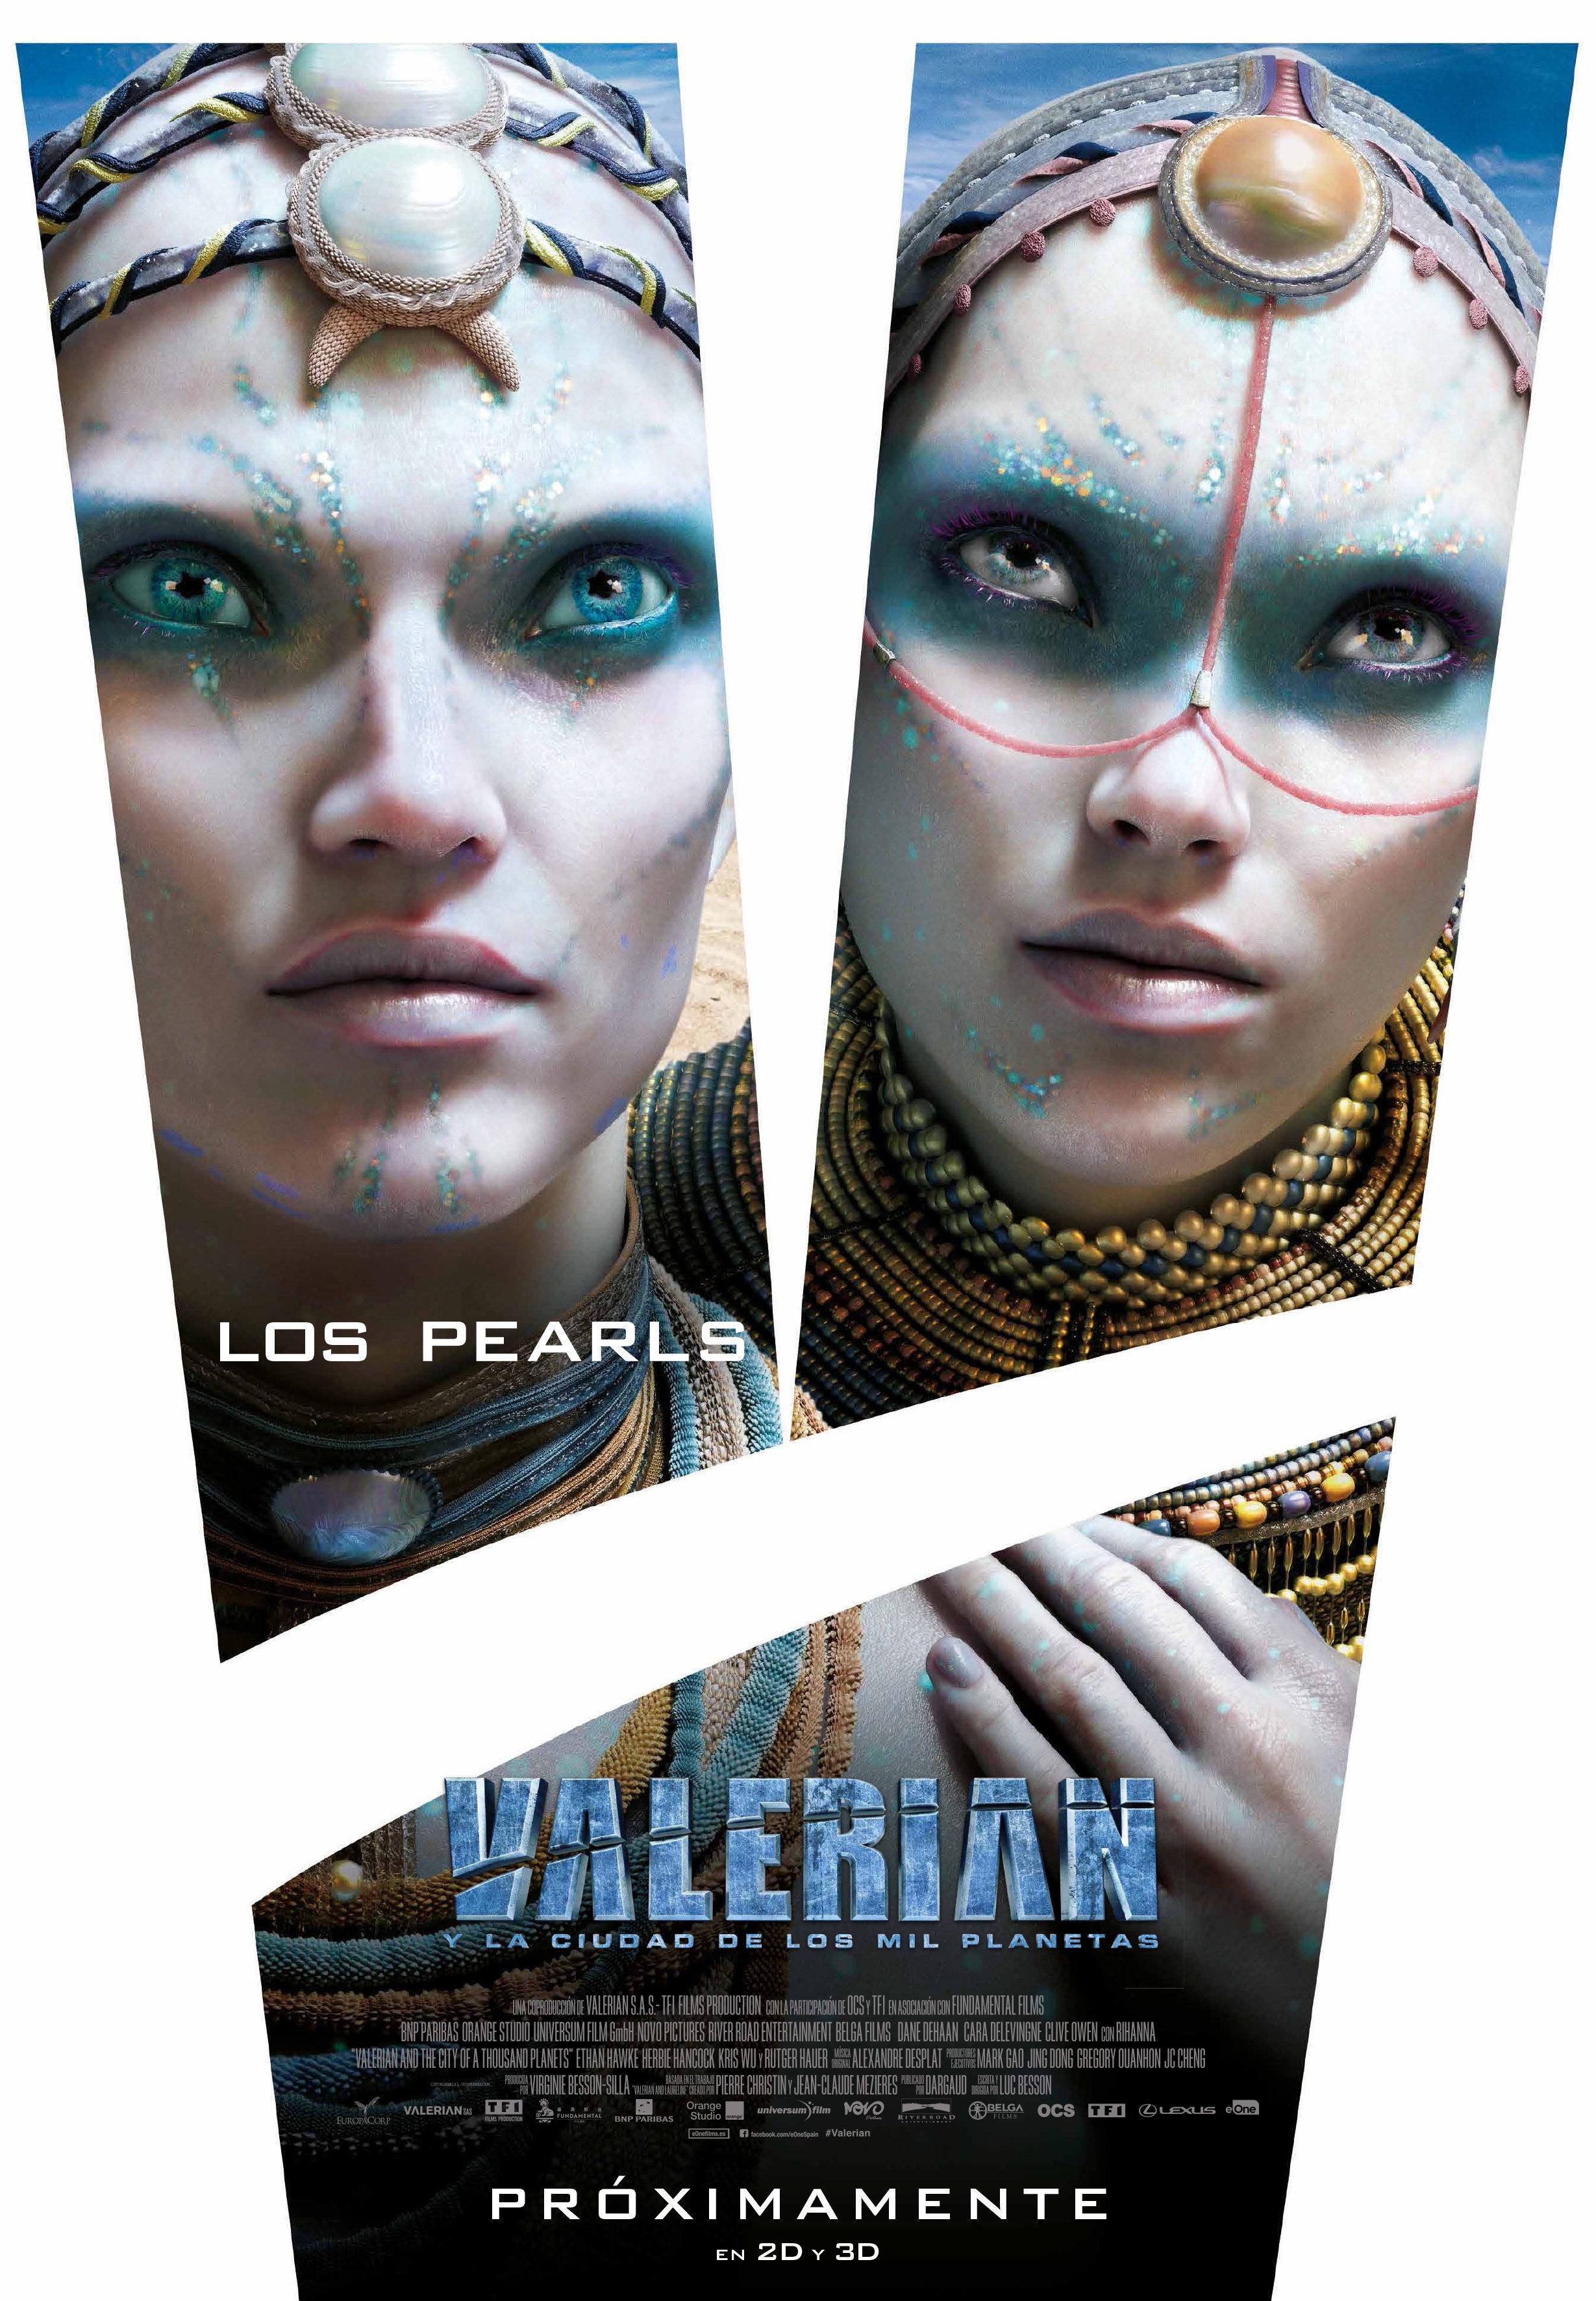 Los Pearls